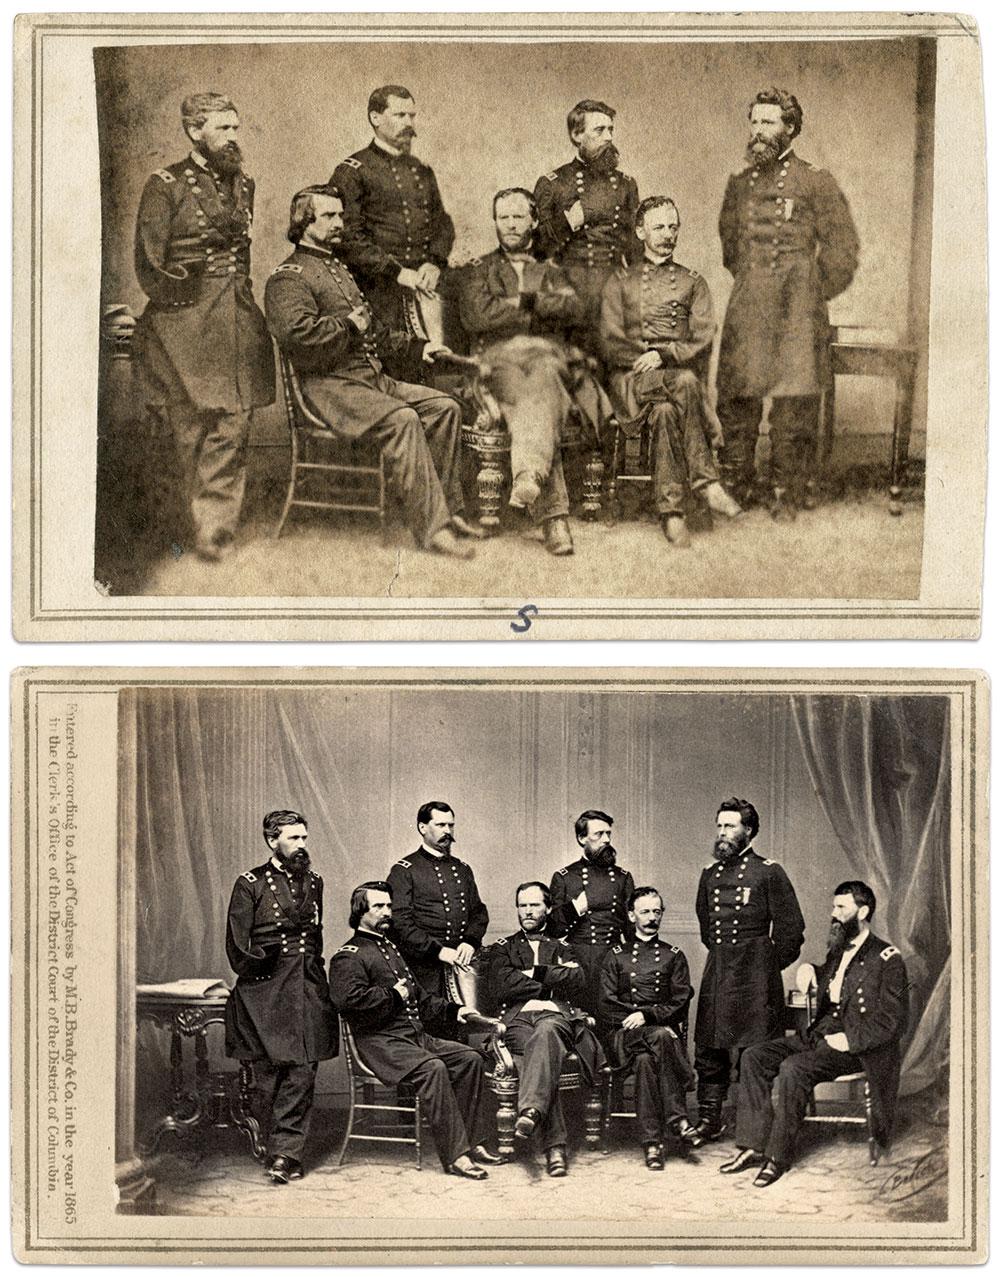 Carte de visite copied from the Brady original by Helleberg & Co. of Cincinnati, Ohio; Carte de visite by Mathew B. Brady of New York City and Washington, D.C.